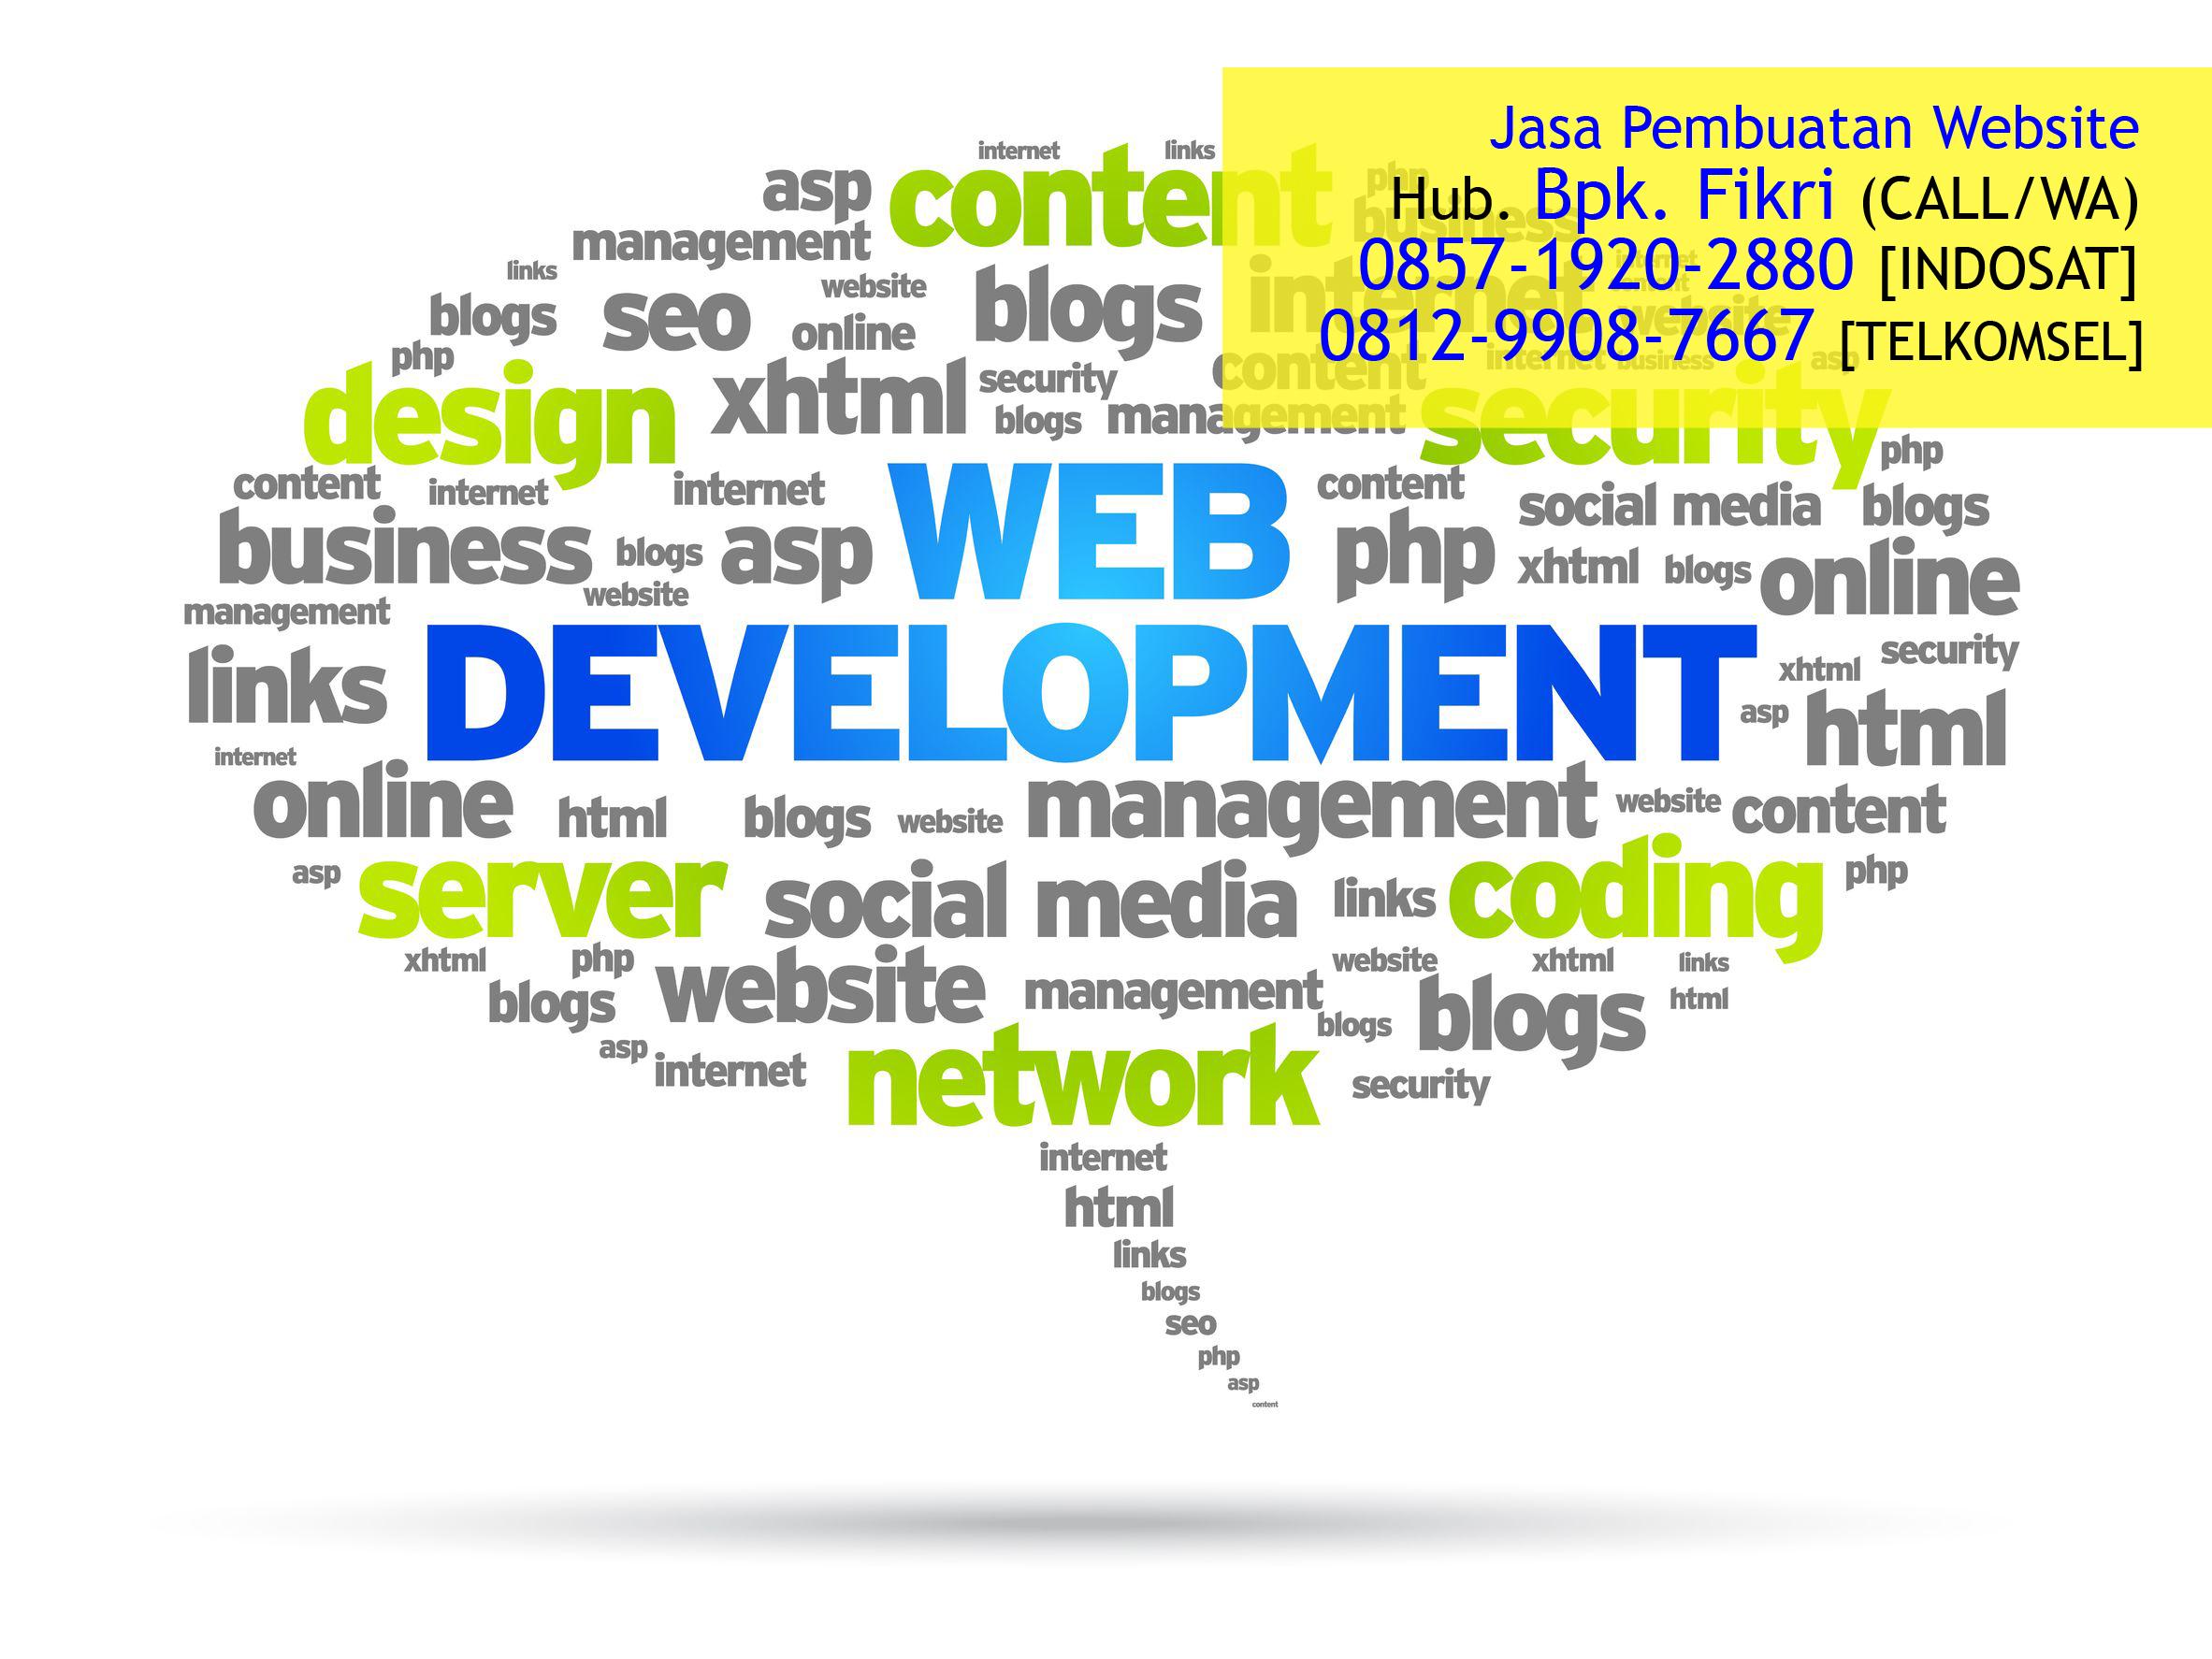 Jasa Pembuat Website Murah di Bekasi